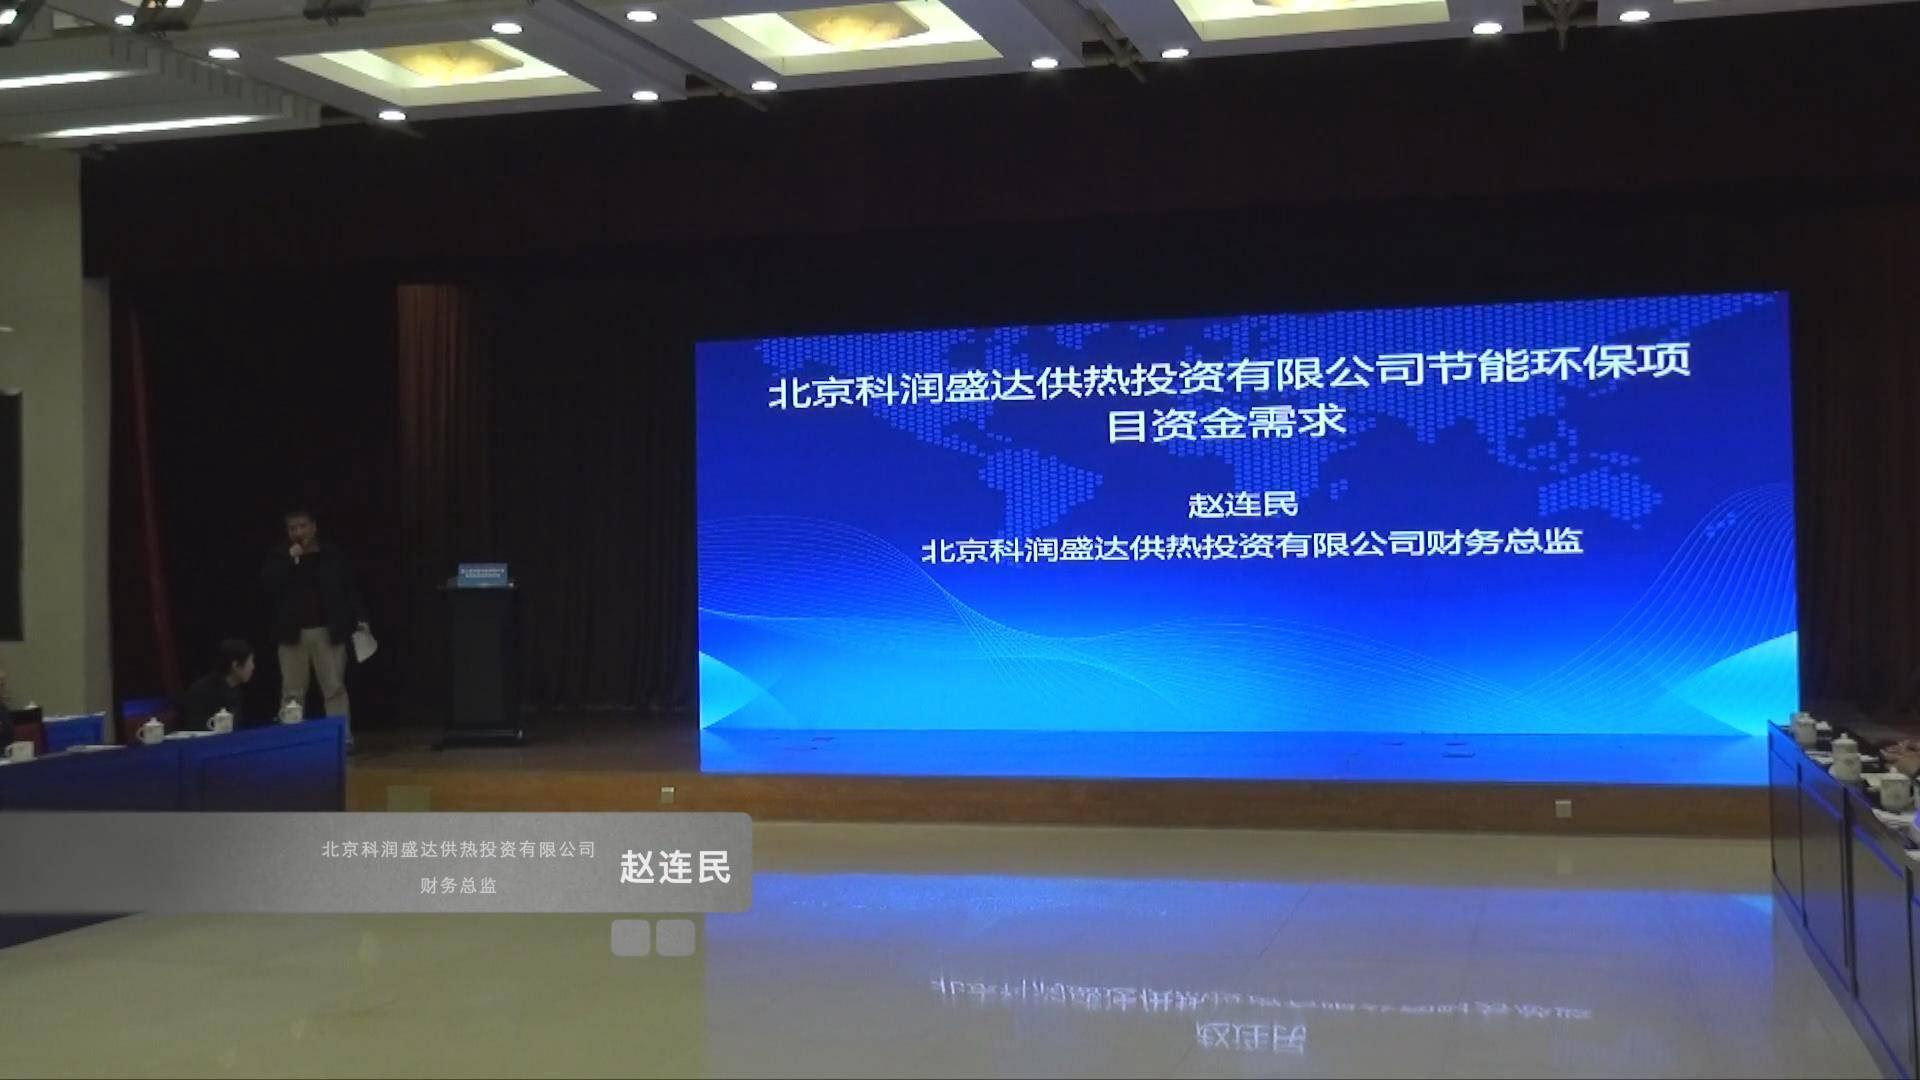 赵连民:北京科润盛达供热投资有限公司节能环保项目资金需求